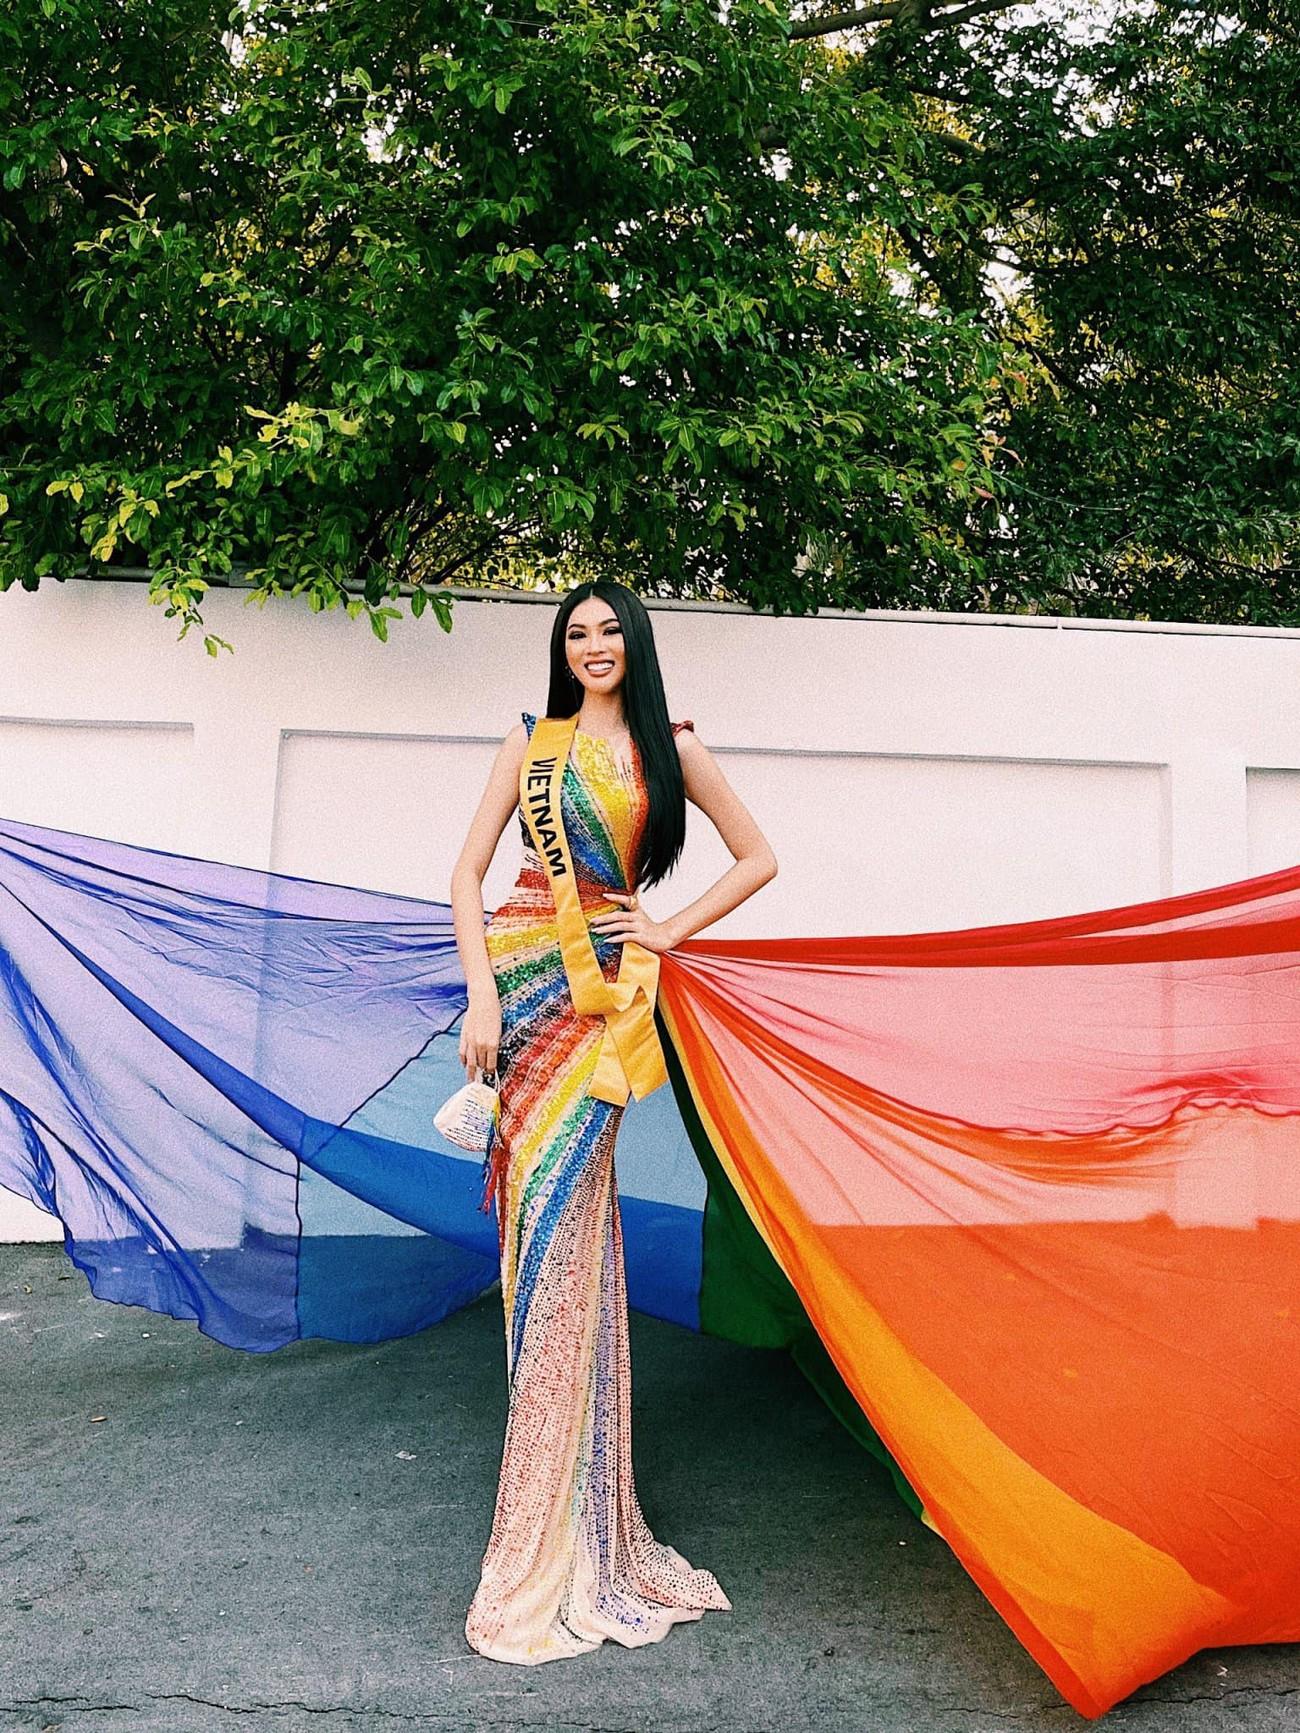 Á hậu Thuỳ Dung diện váy xẻ vòng 1 nóng bỏng, Ngọc Thảo bắt đầu 'bung lụa' tại Miss Grand ảnh 3